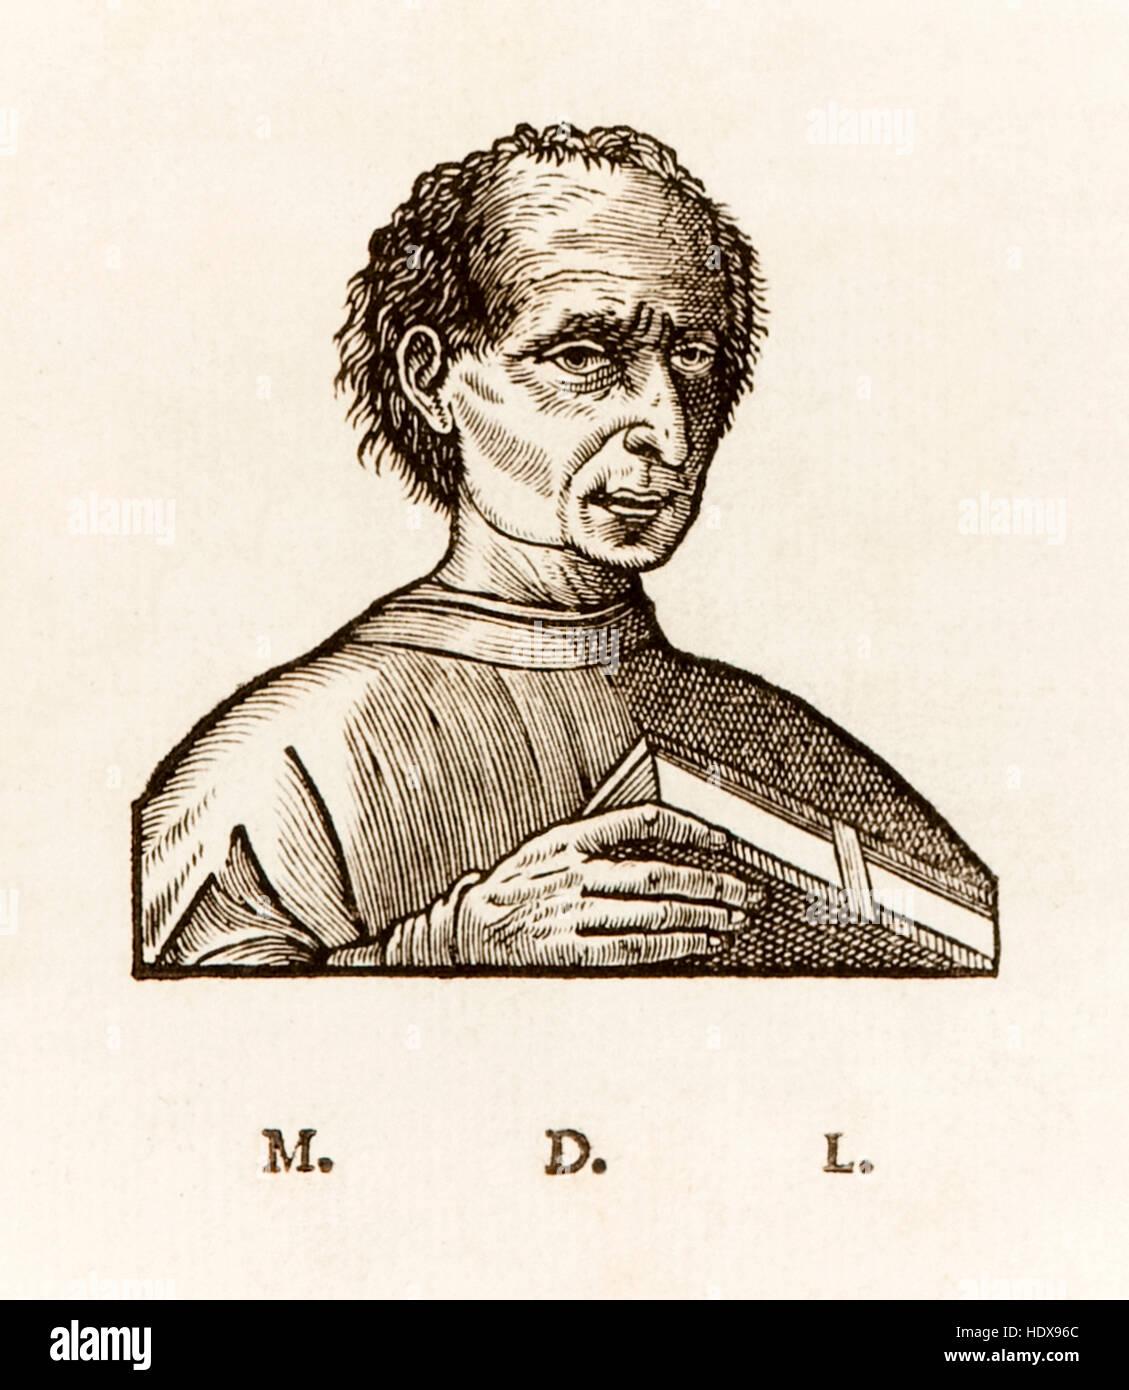 Niccolò Machiavelli (1469-1527) del Rinascimento italiano scrittore politico, xilografia ritratto da 1550 edizione Immagini Stock